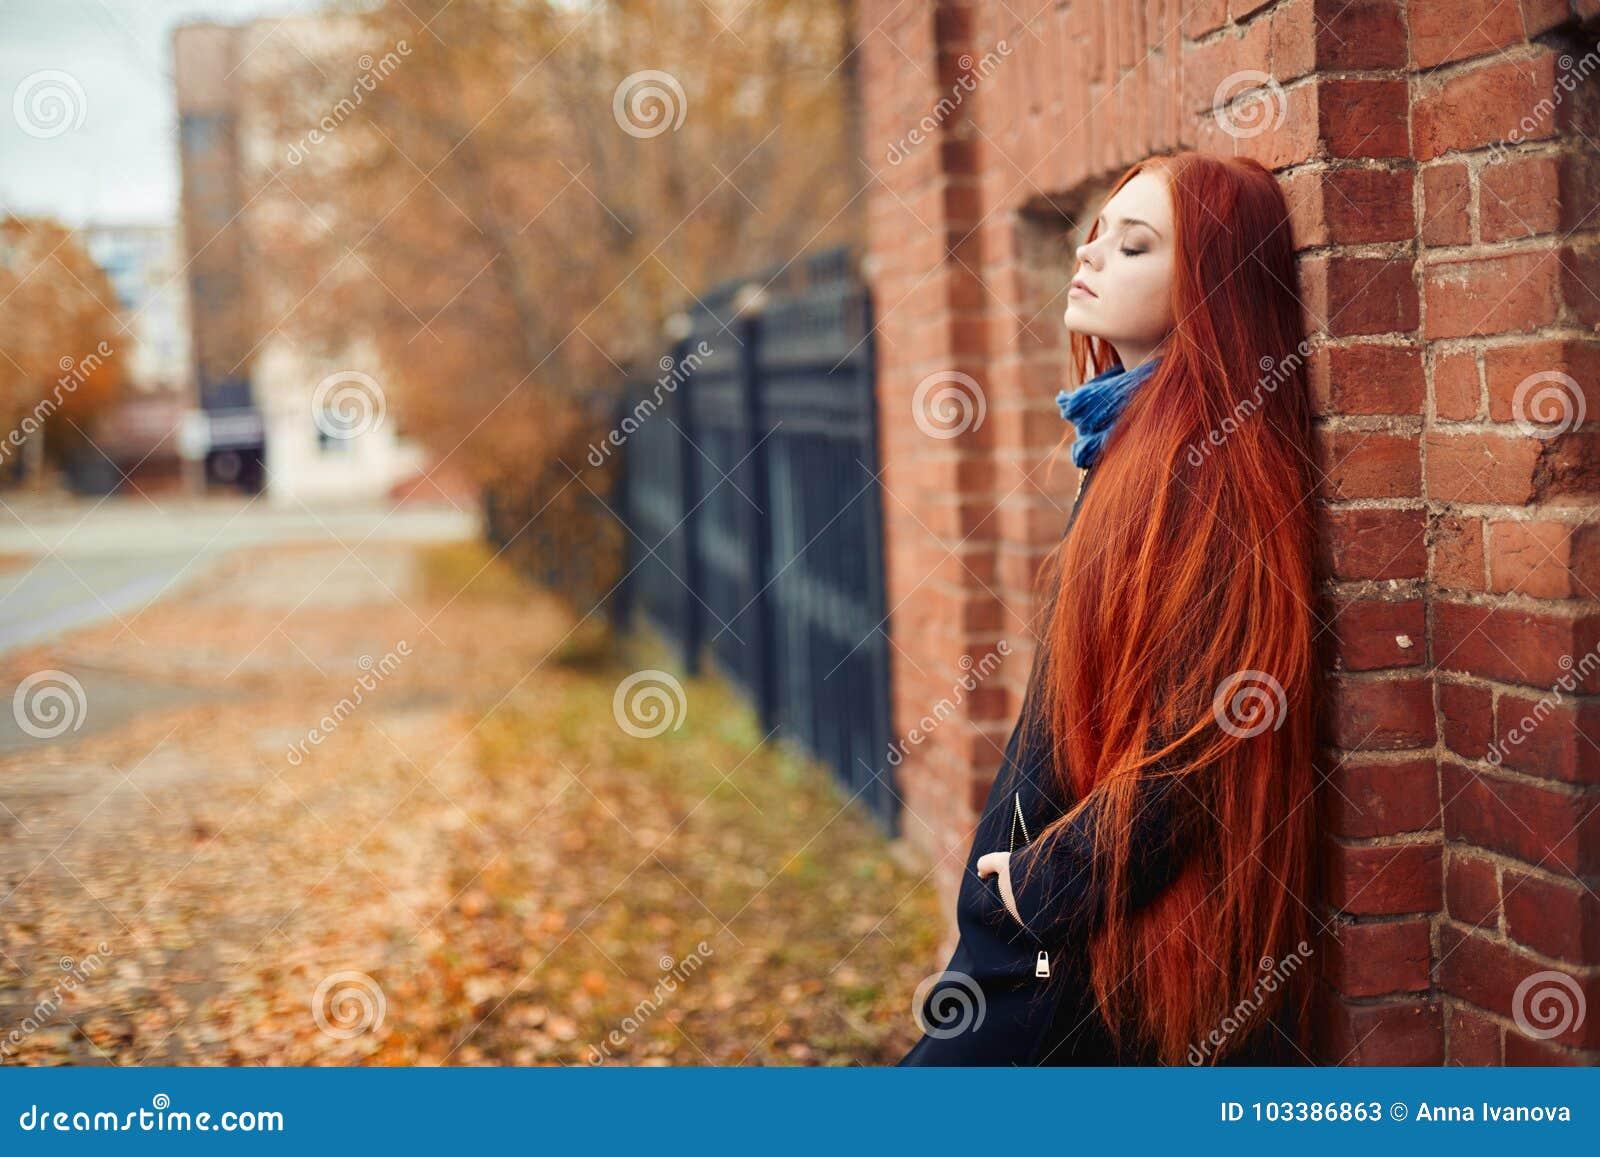 Frau mit dem langen roten Haar geht in Herbst auf der Straße Mysteriöser träumerischer Blick und das Bild des Mädchens Rothaarige